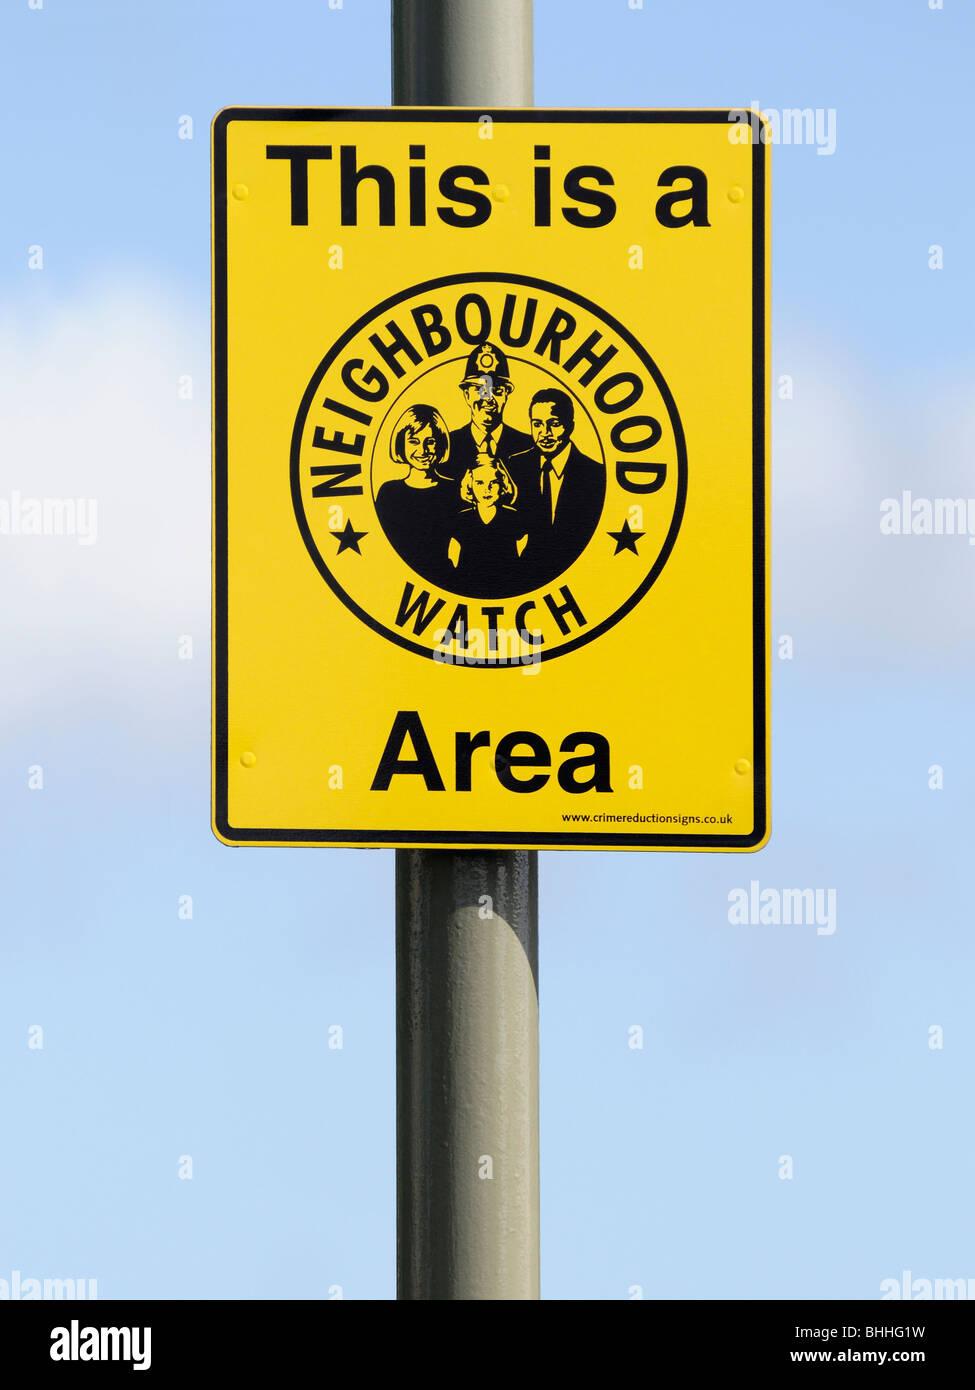 Neighbourhood Watch Sign, UK. - Stock Image